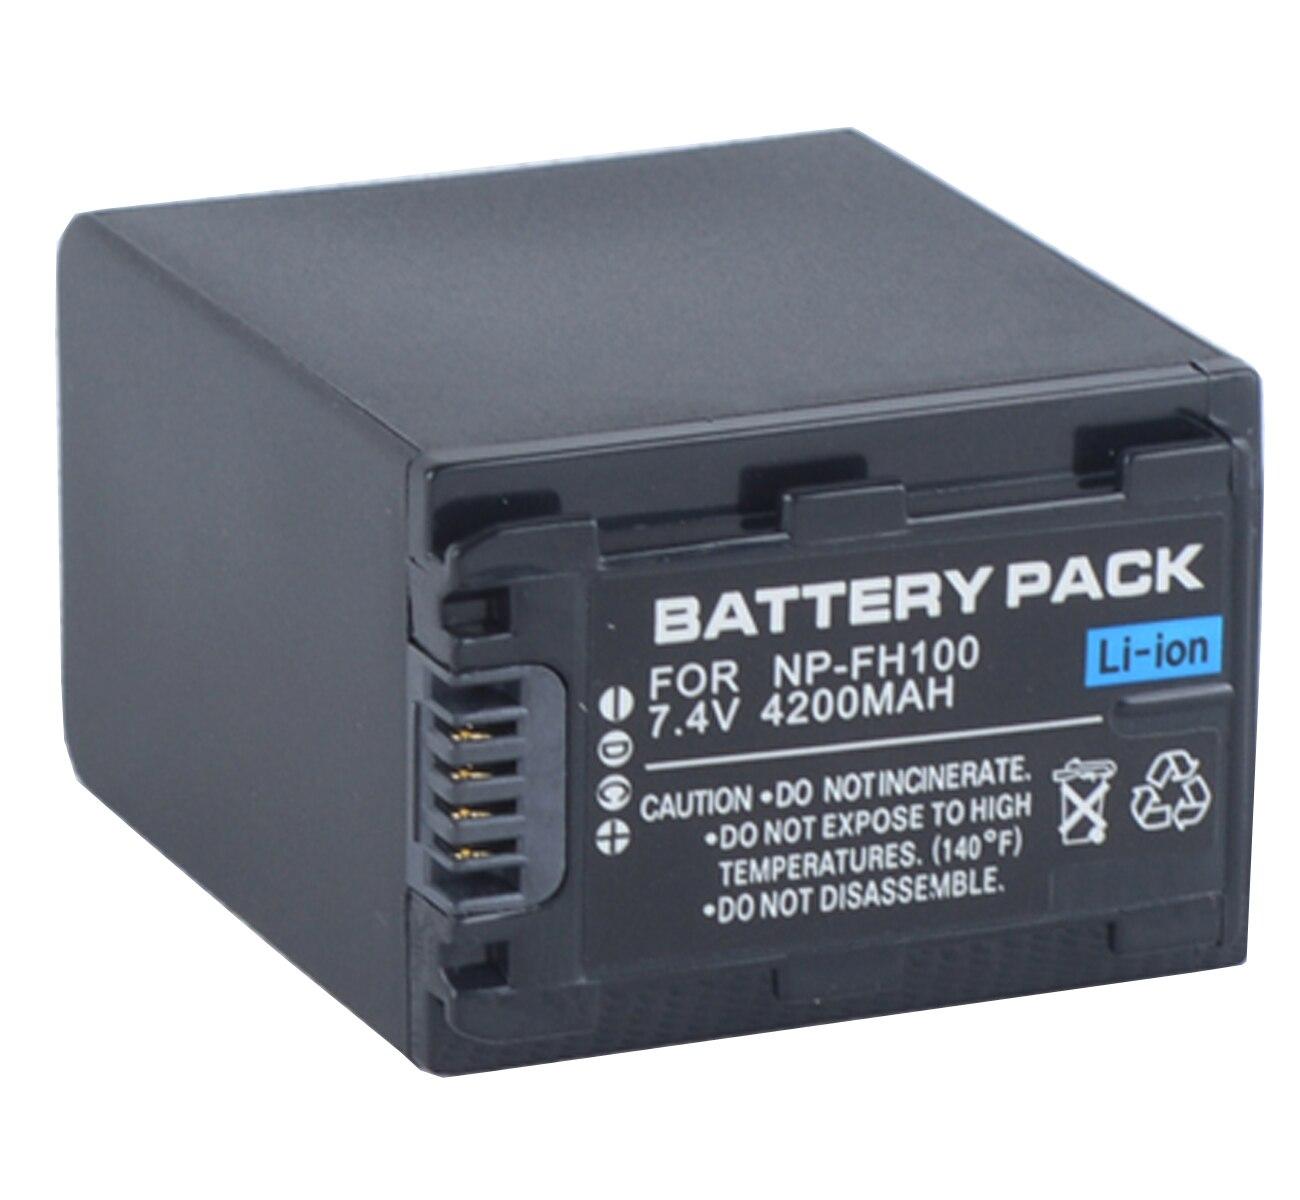 Paquete de baterías para Sony DCR-DVD110E, DVD310E, DVD410E, DVD510E, DVD610E, DVD710E, DCR-DVD810E,...